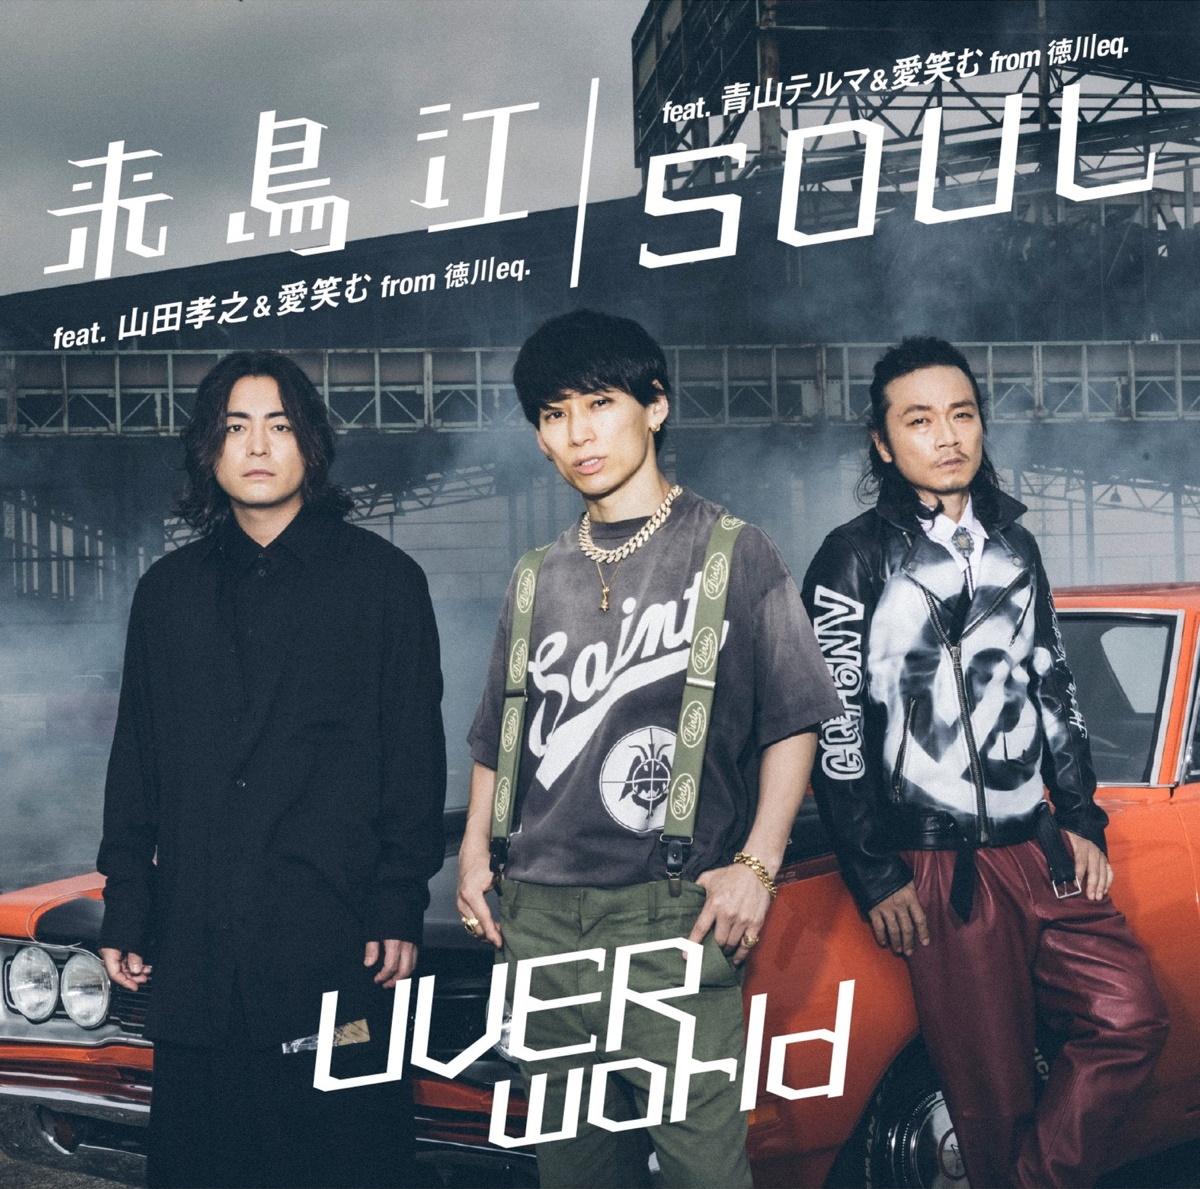 『UVERworld - SOUL (feat. 青山テルマ & 愛笑む)』収録の『来鳥江 / SOUL』ジャケット